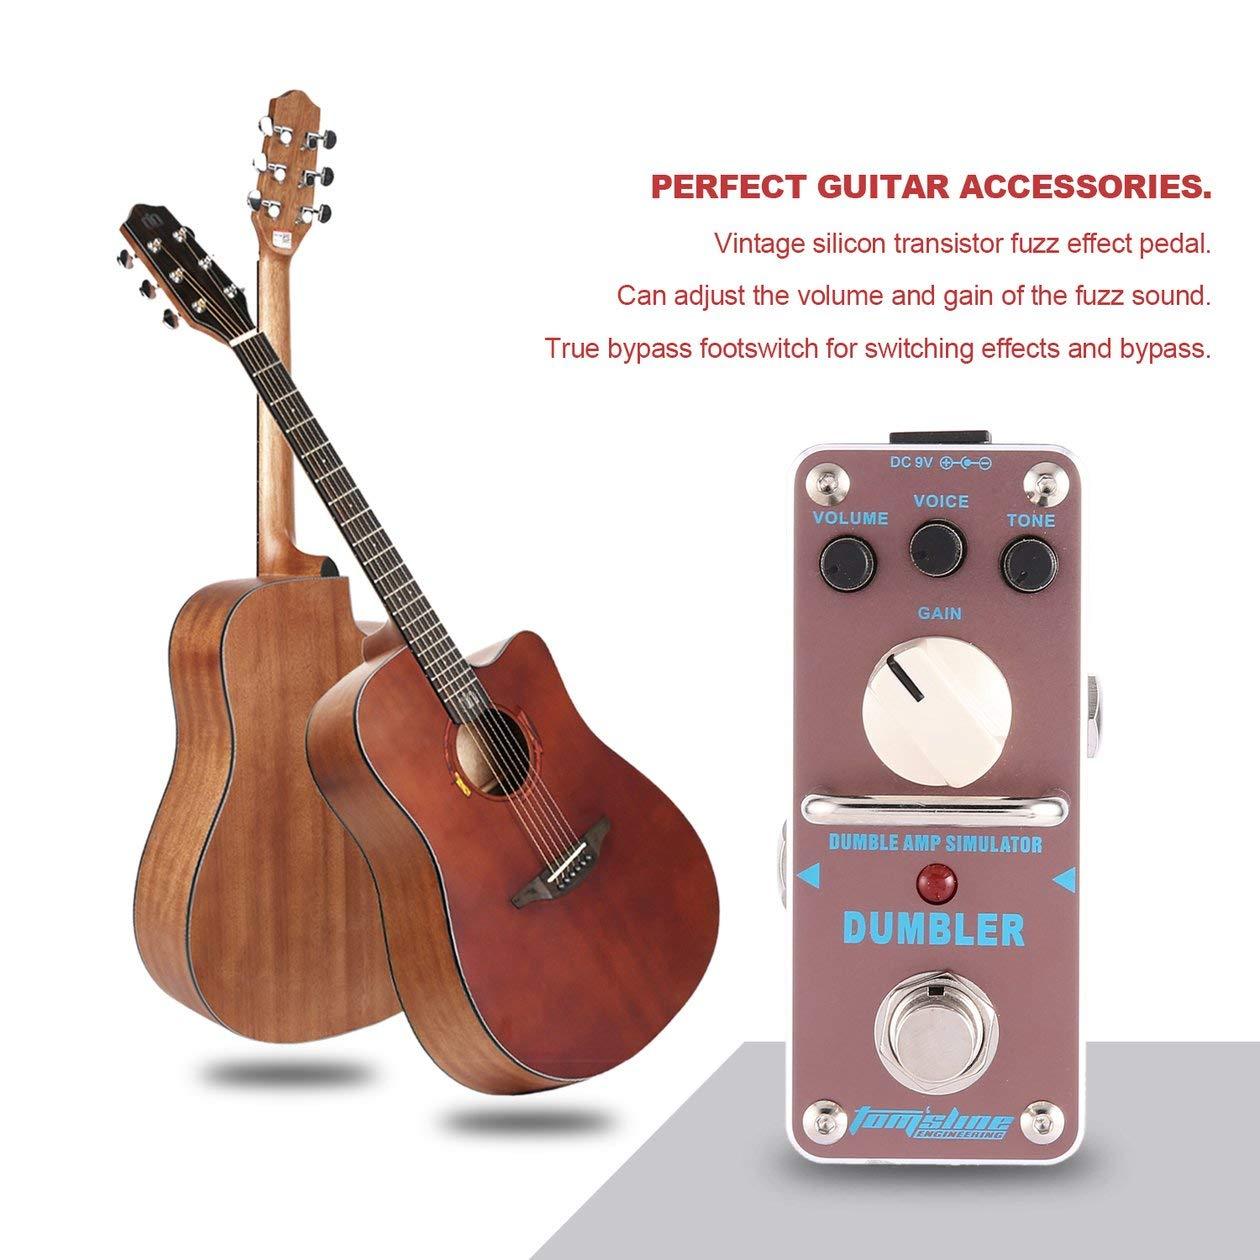 Simulador de amplificador Dumbler AROMA ADR-3 Mini Pedal de efecto de guitarra eléctrica con partes y accesorios de guitarra True Bypass: Amazon.es: ...